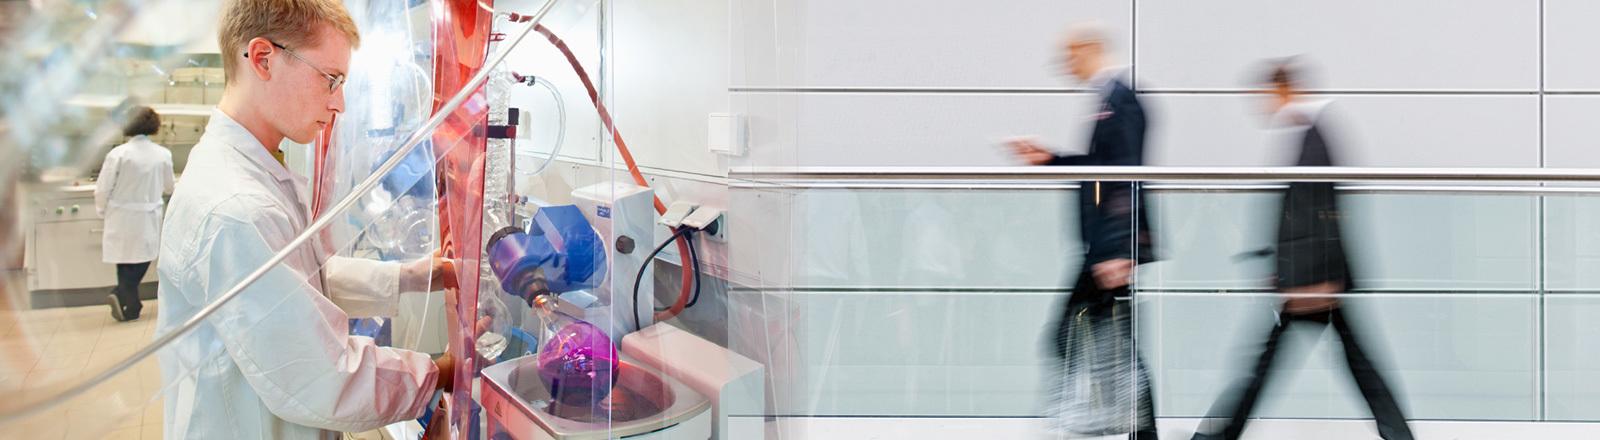 Junger Forscher in einem Labor an der Uni Chemnitz und unscharfe Anzugträger.